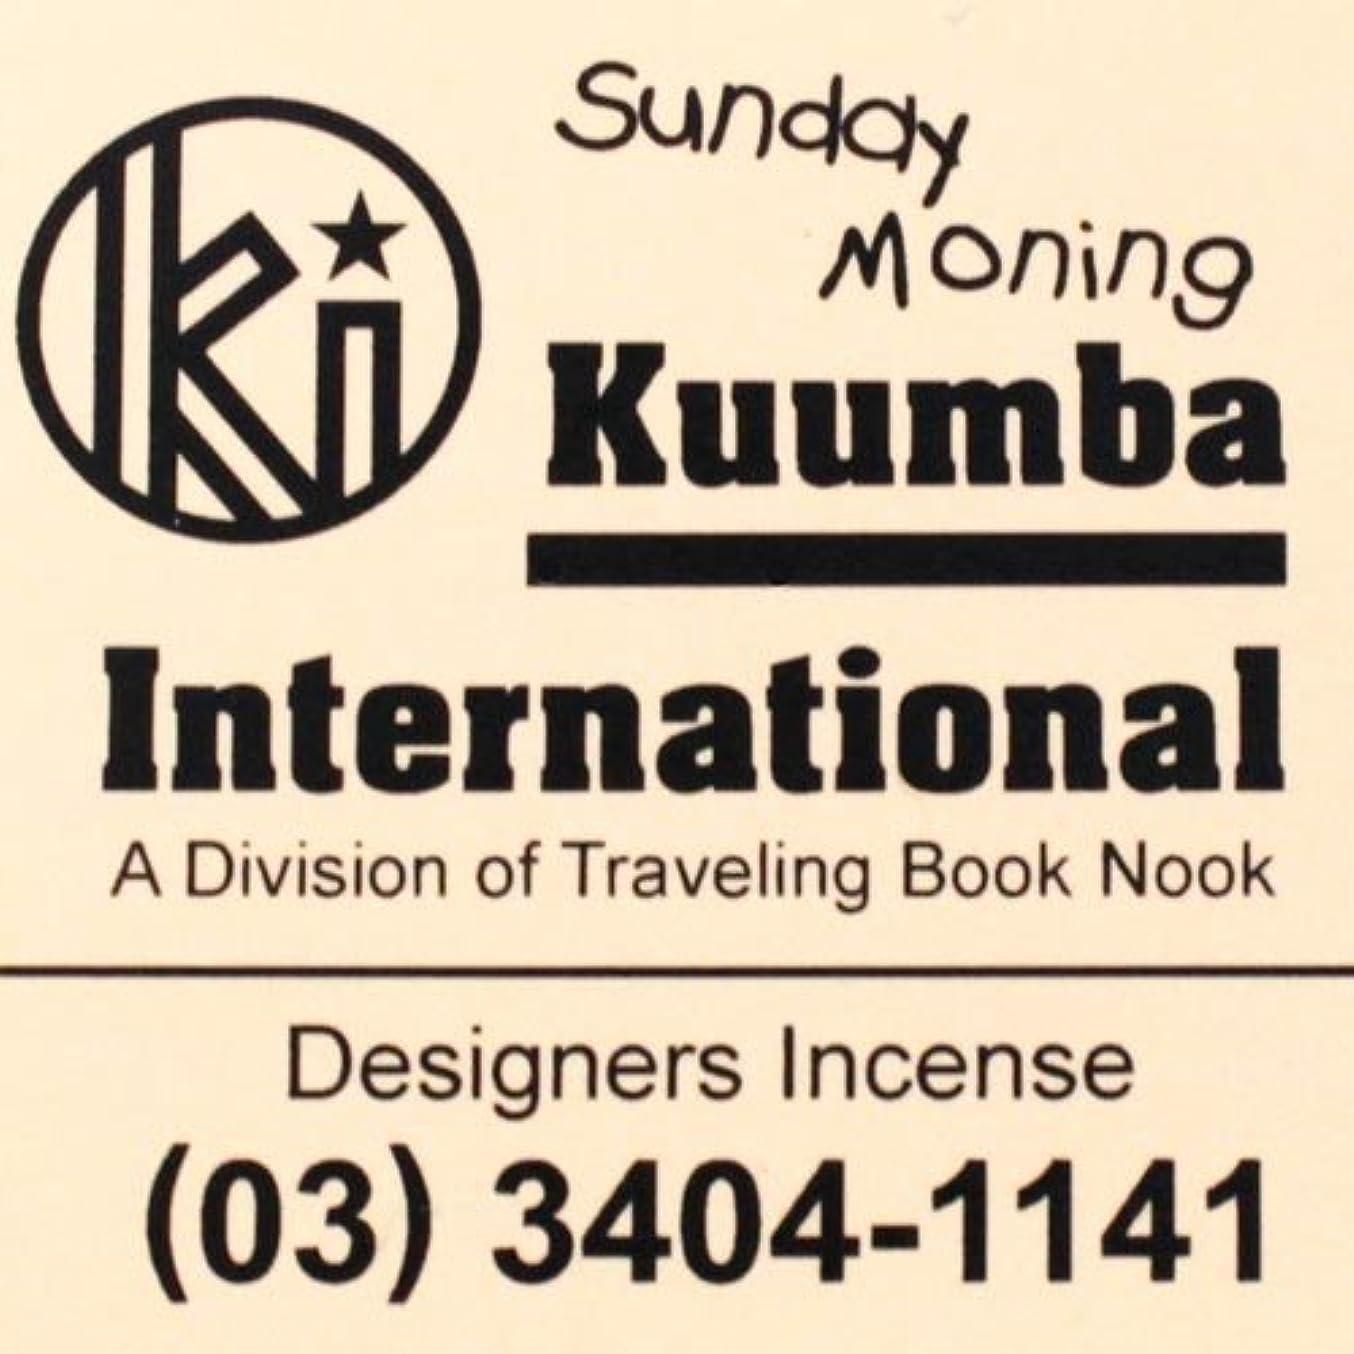 ペナルティりんご韓国語(クンバ) KUUMBA『incense』(Sunday Morning) (Regular size)